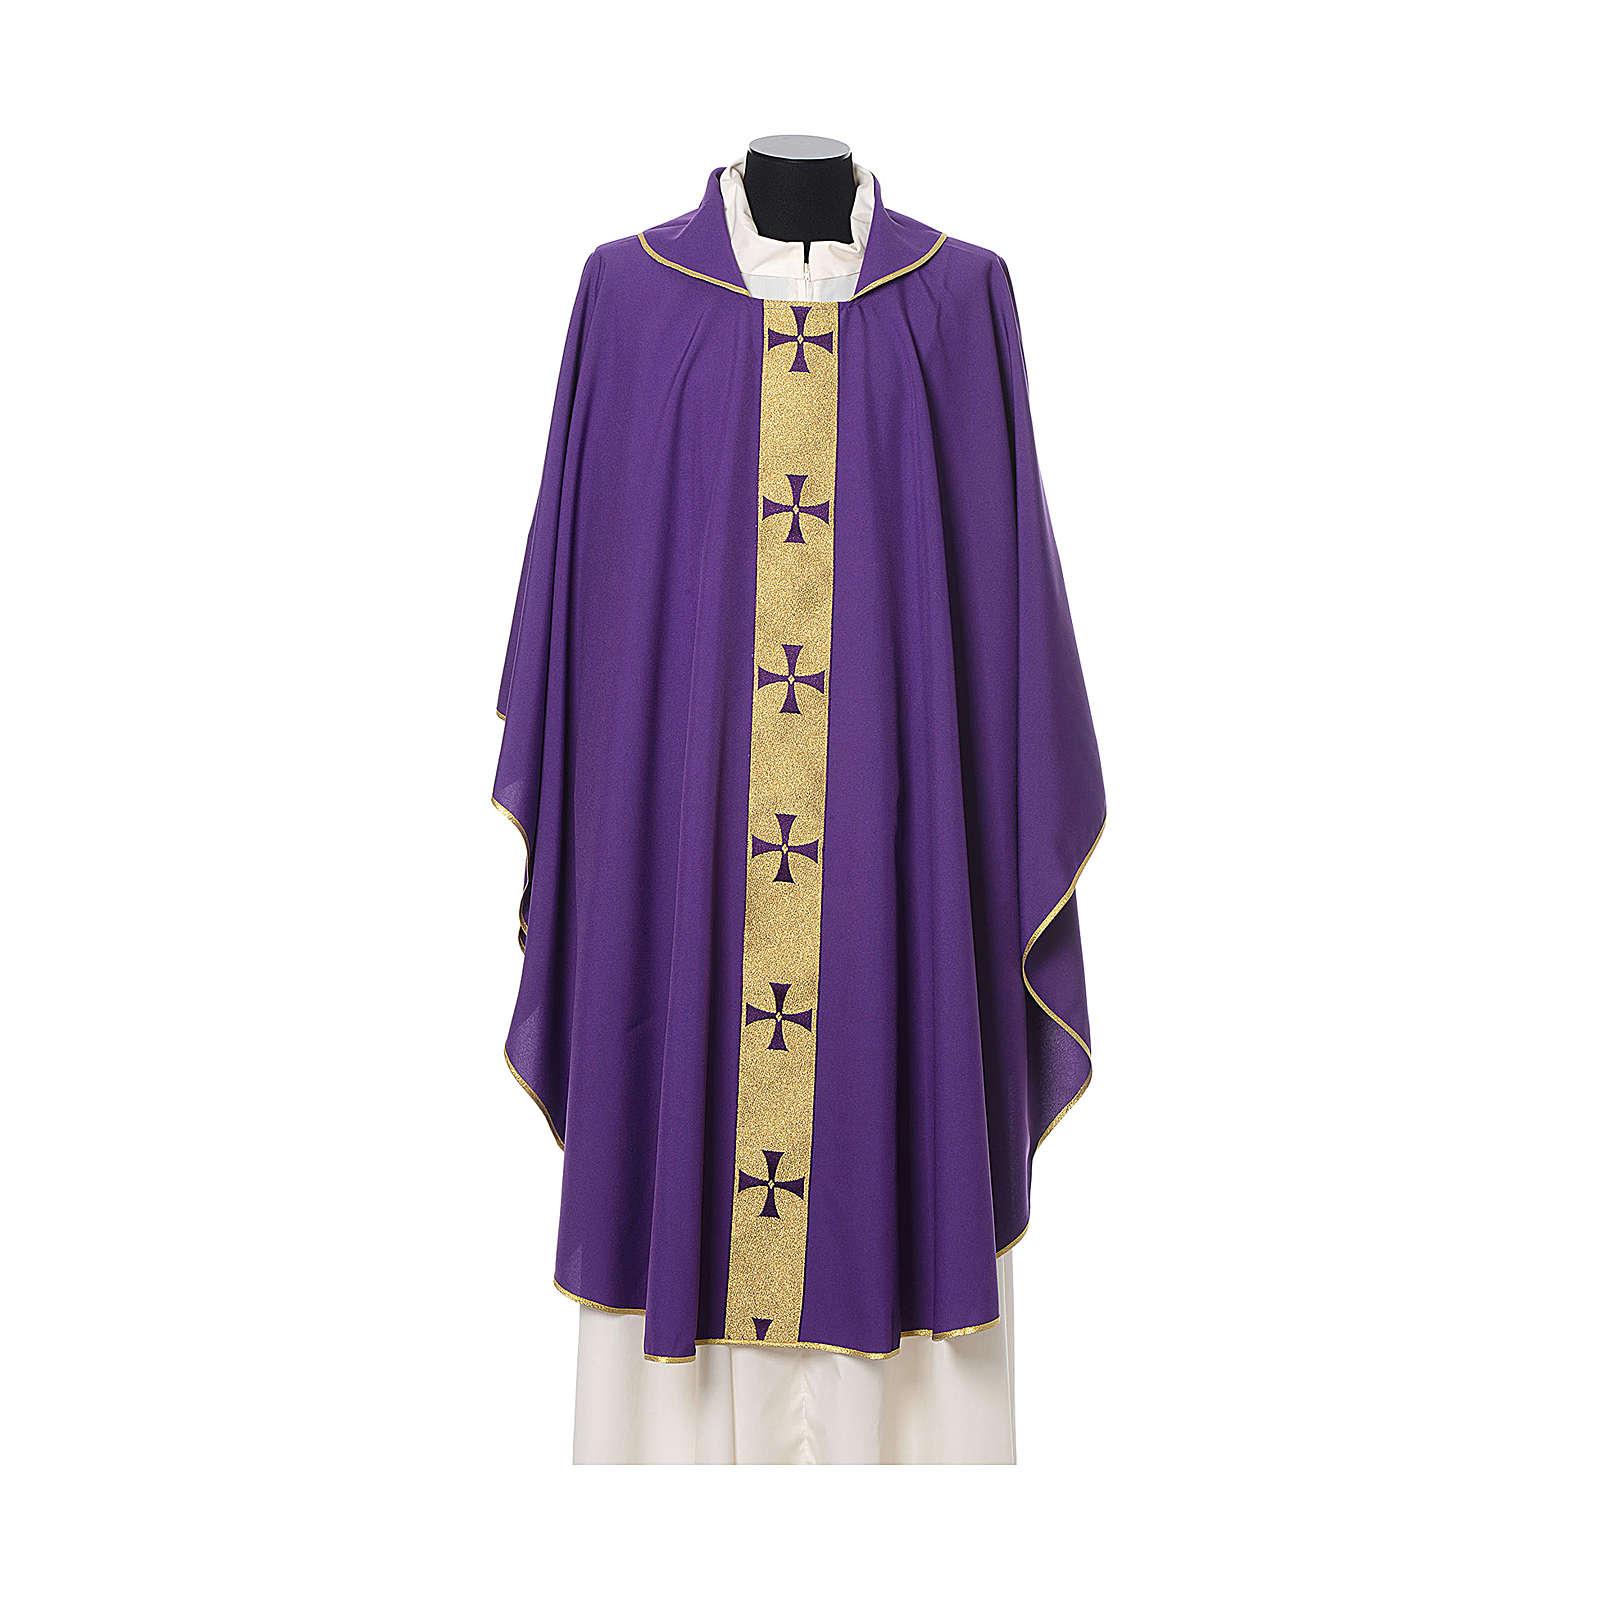 Casulla borde cruces delante tejido Vatican 100% poliéster 4